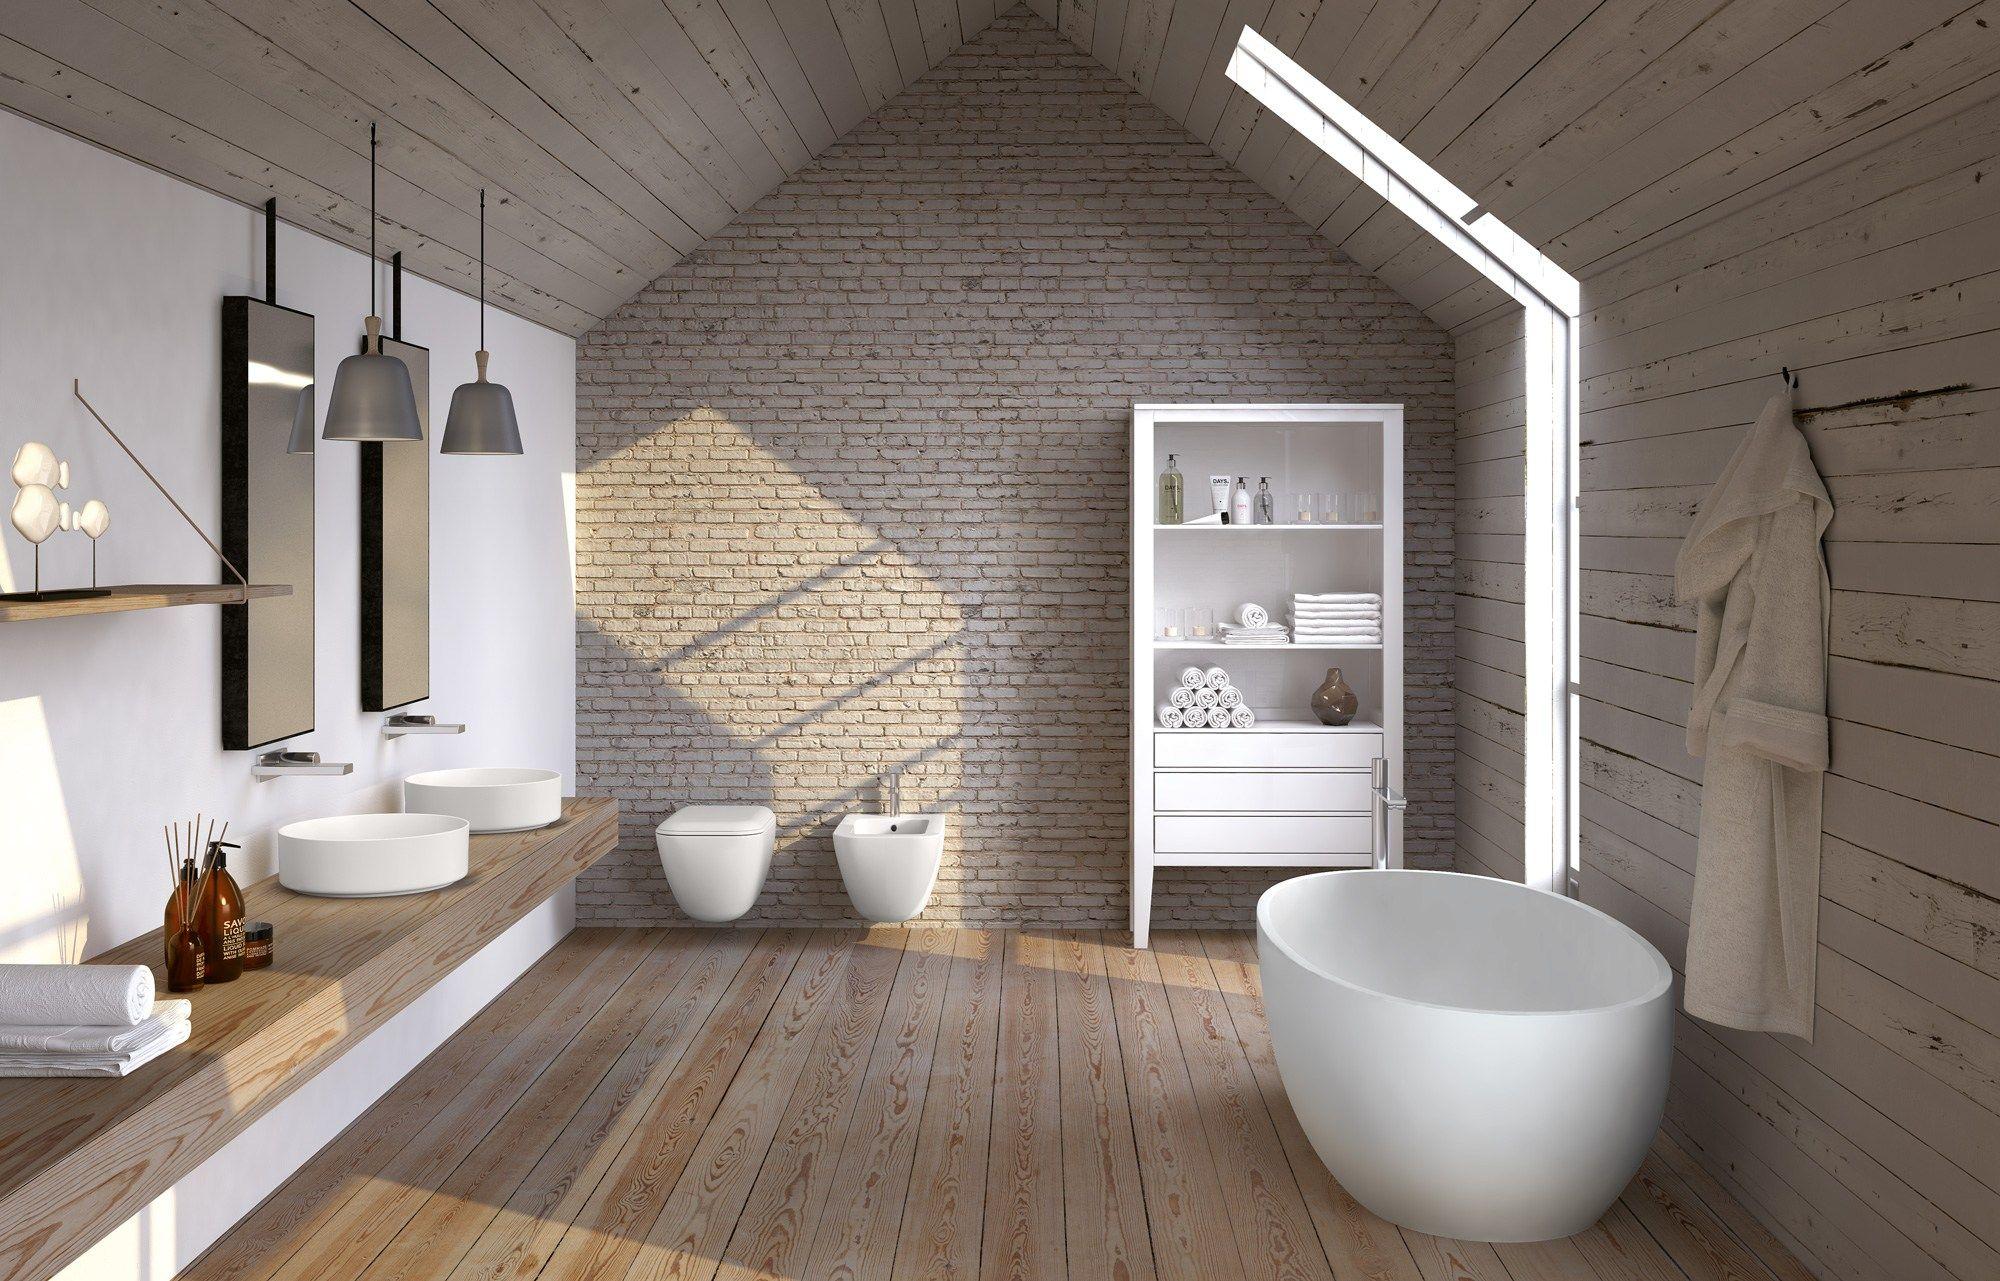 Shui comfort vasca da bagno by ceramica cielo design paolo - Vasca da bagno ceramica ...